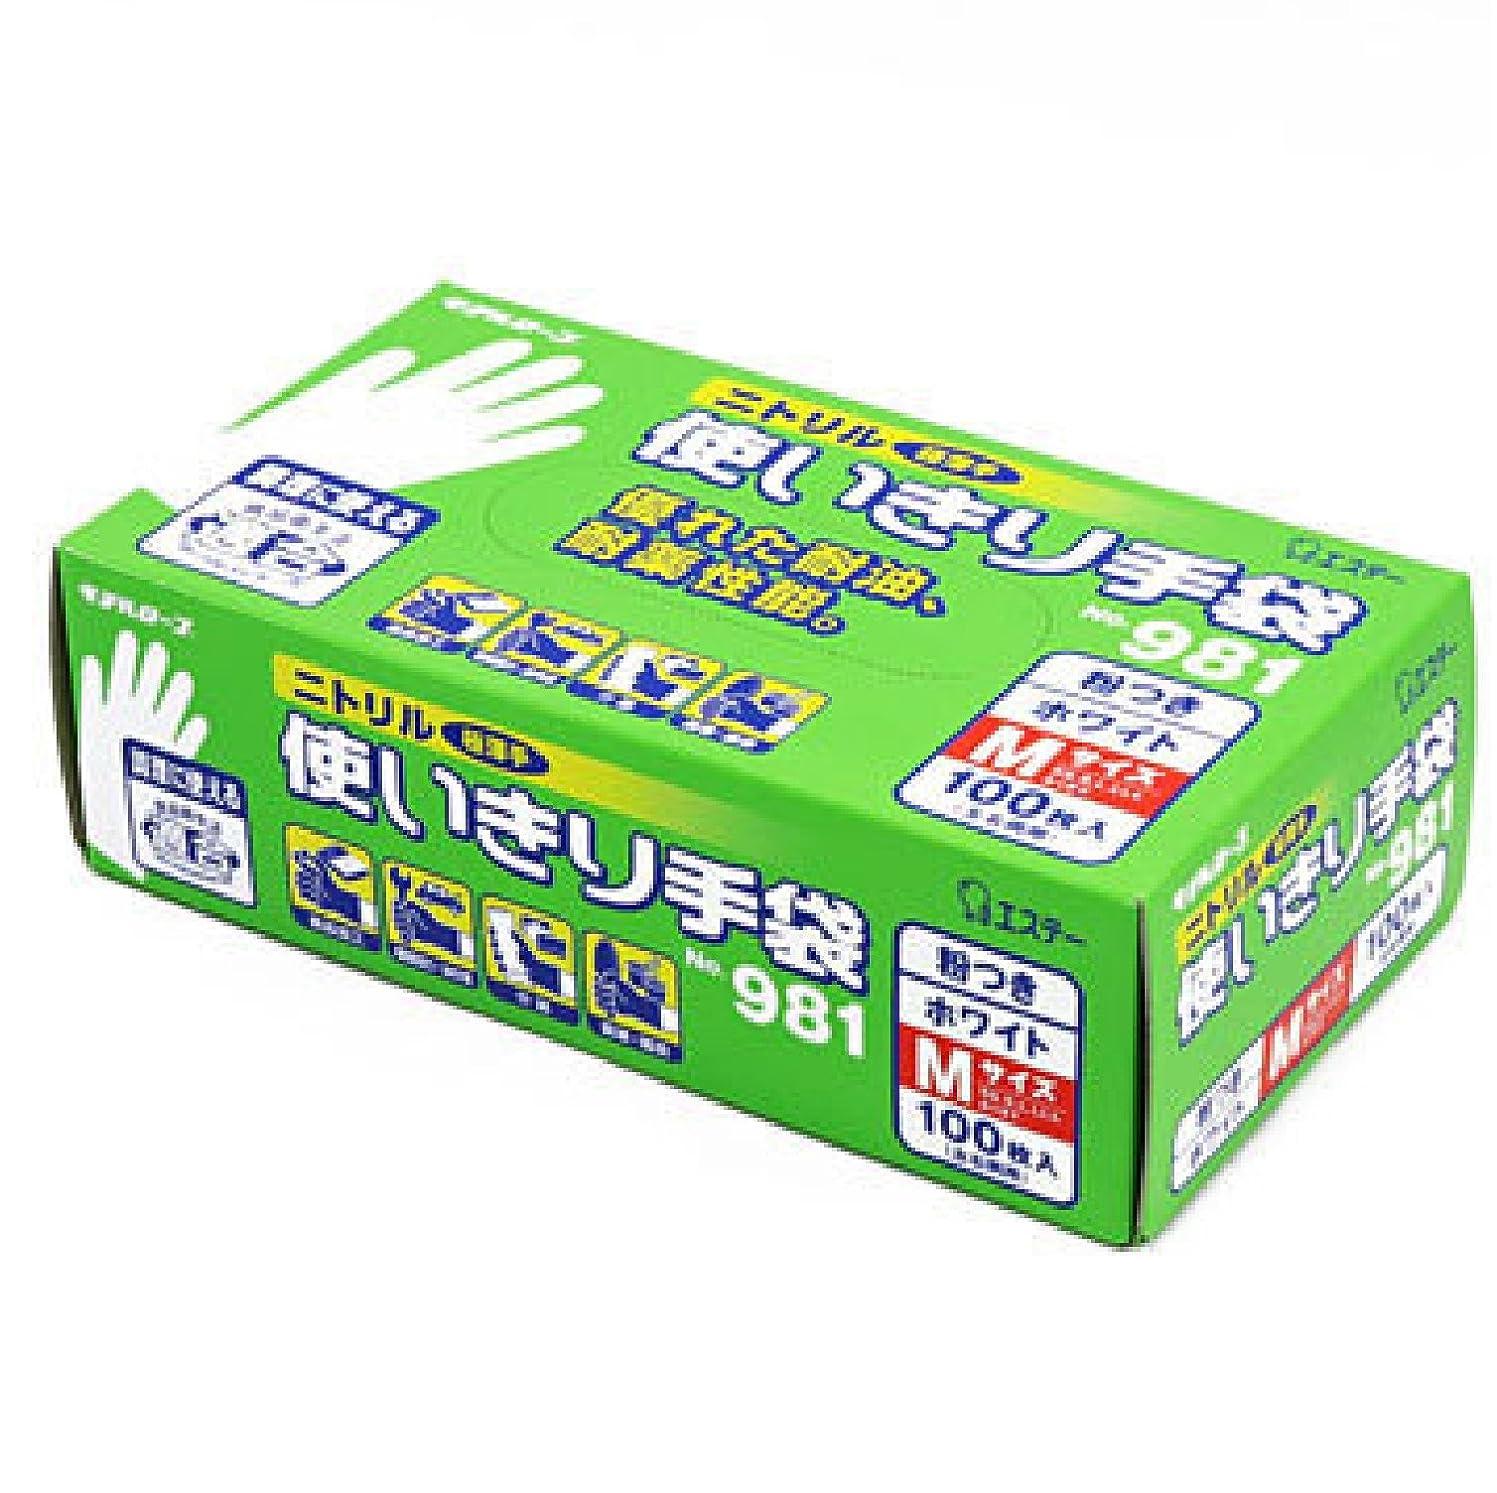 呼吸使用法蒸発エステー/ニトリル使いきり手袋 箱入 (粉つき) [100枚入]/品番:981 サイズ:LL カラー:ホワイト